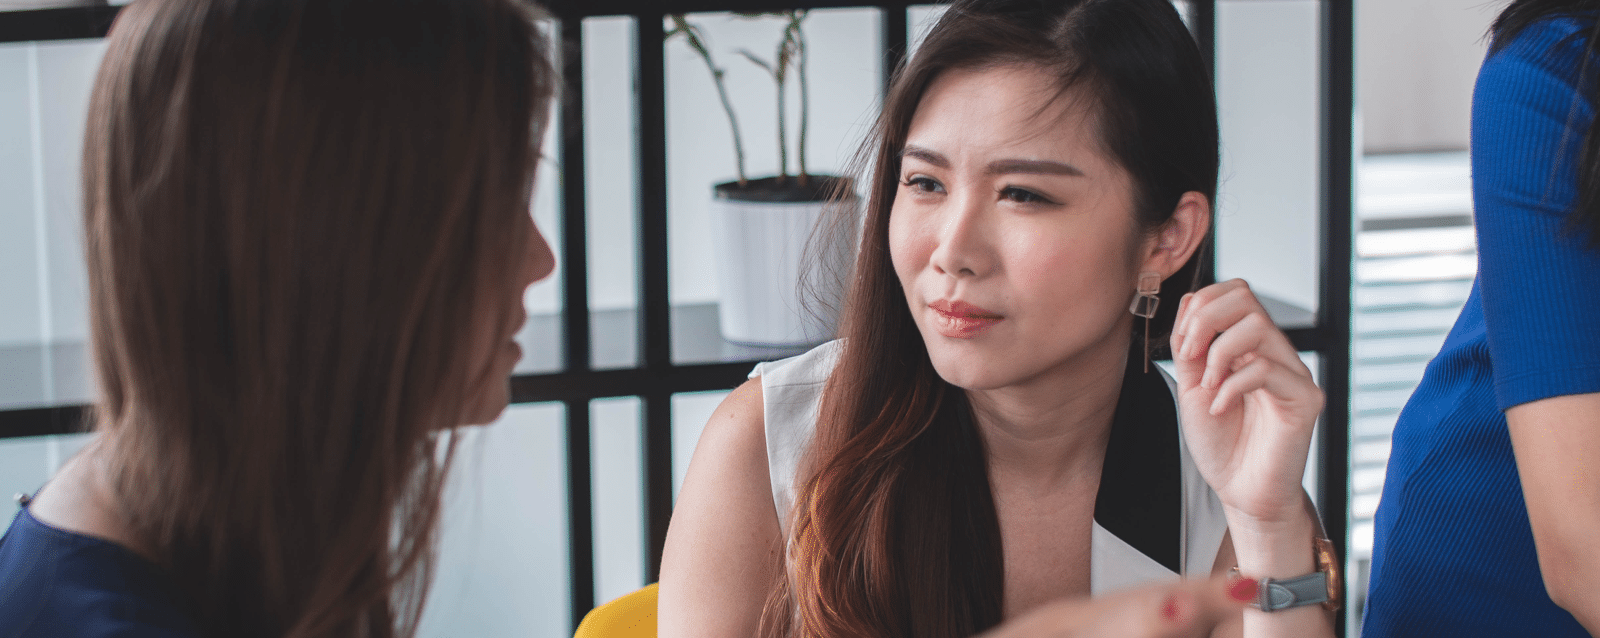 manager et risques psychosociaux discussion femmes